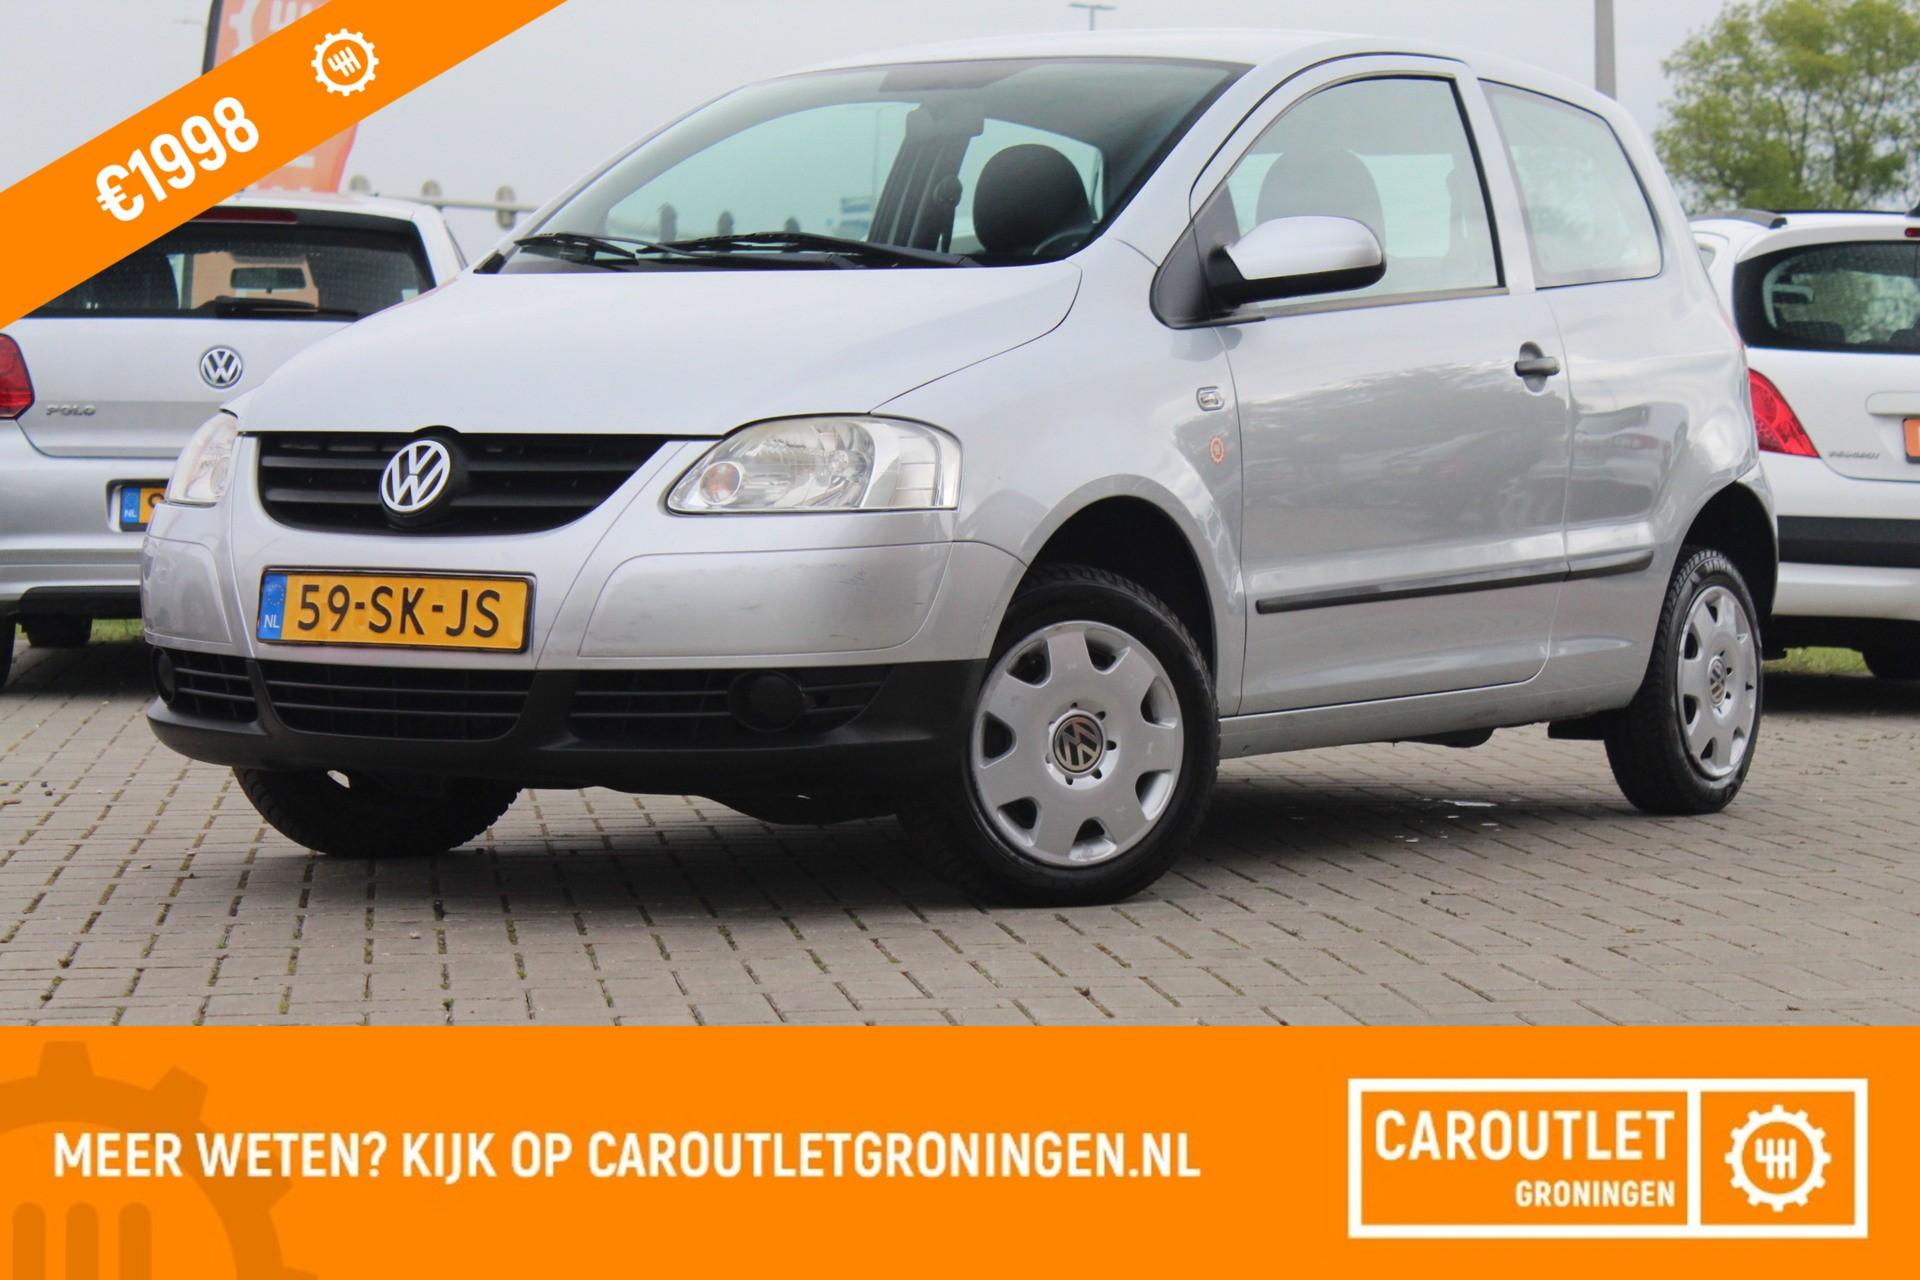 Caroutlet Groningen - Volkswagen Fox 1.2 | ELEK PAKKET | HOGE INSTAP | NW APK